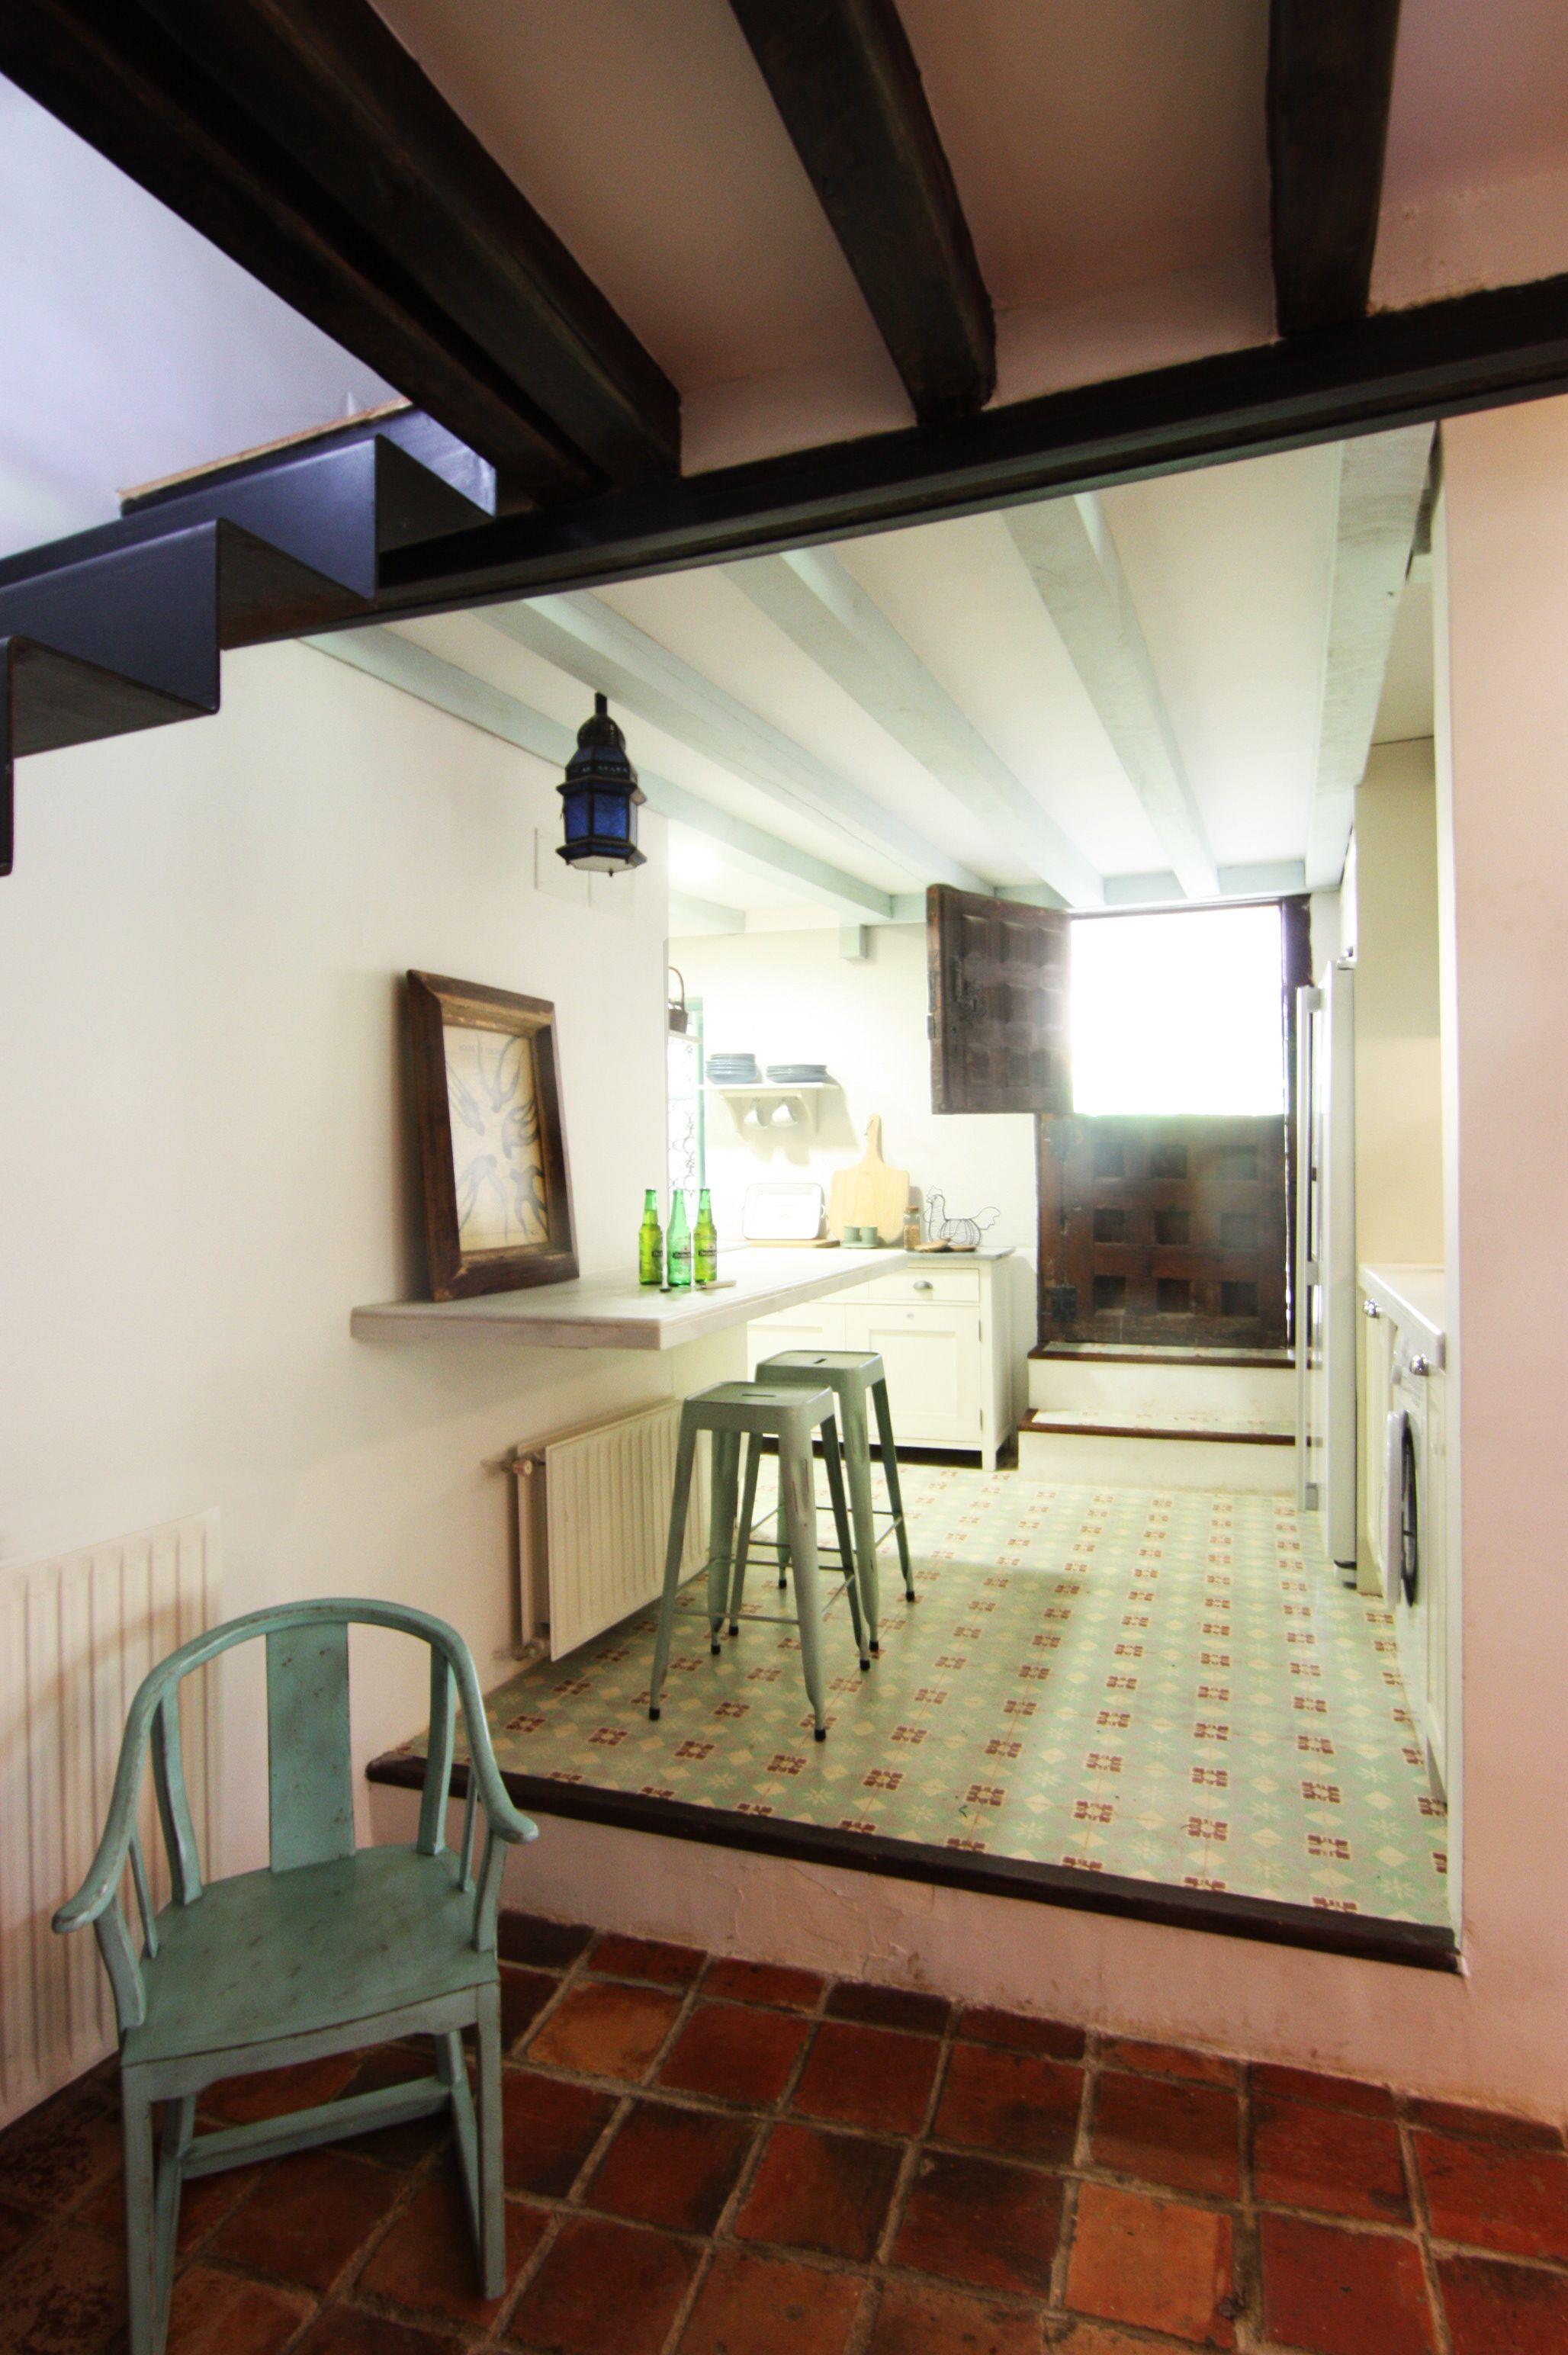 Cocina En El Campo Baldosa Hidr Ulica De Zelart Y Mobiliario  # Muebles Cocina Ikea Faktum